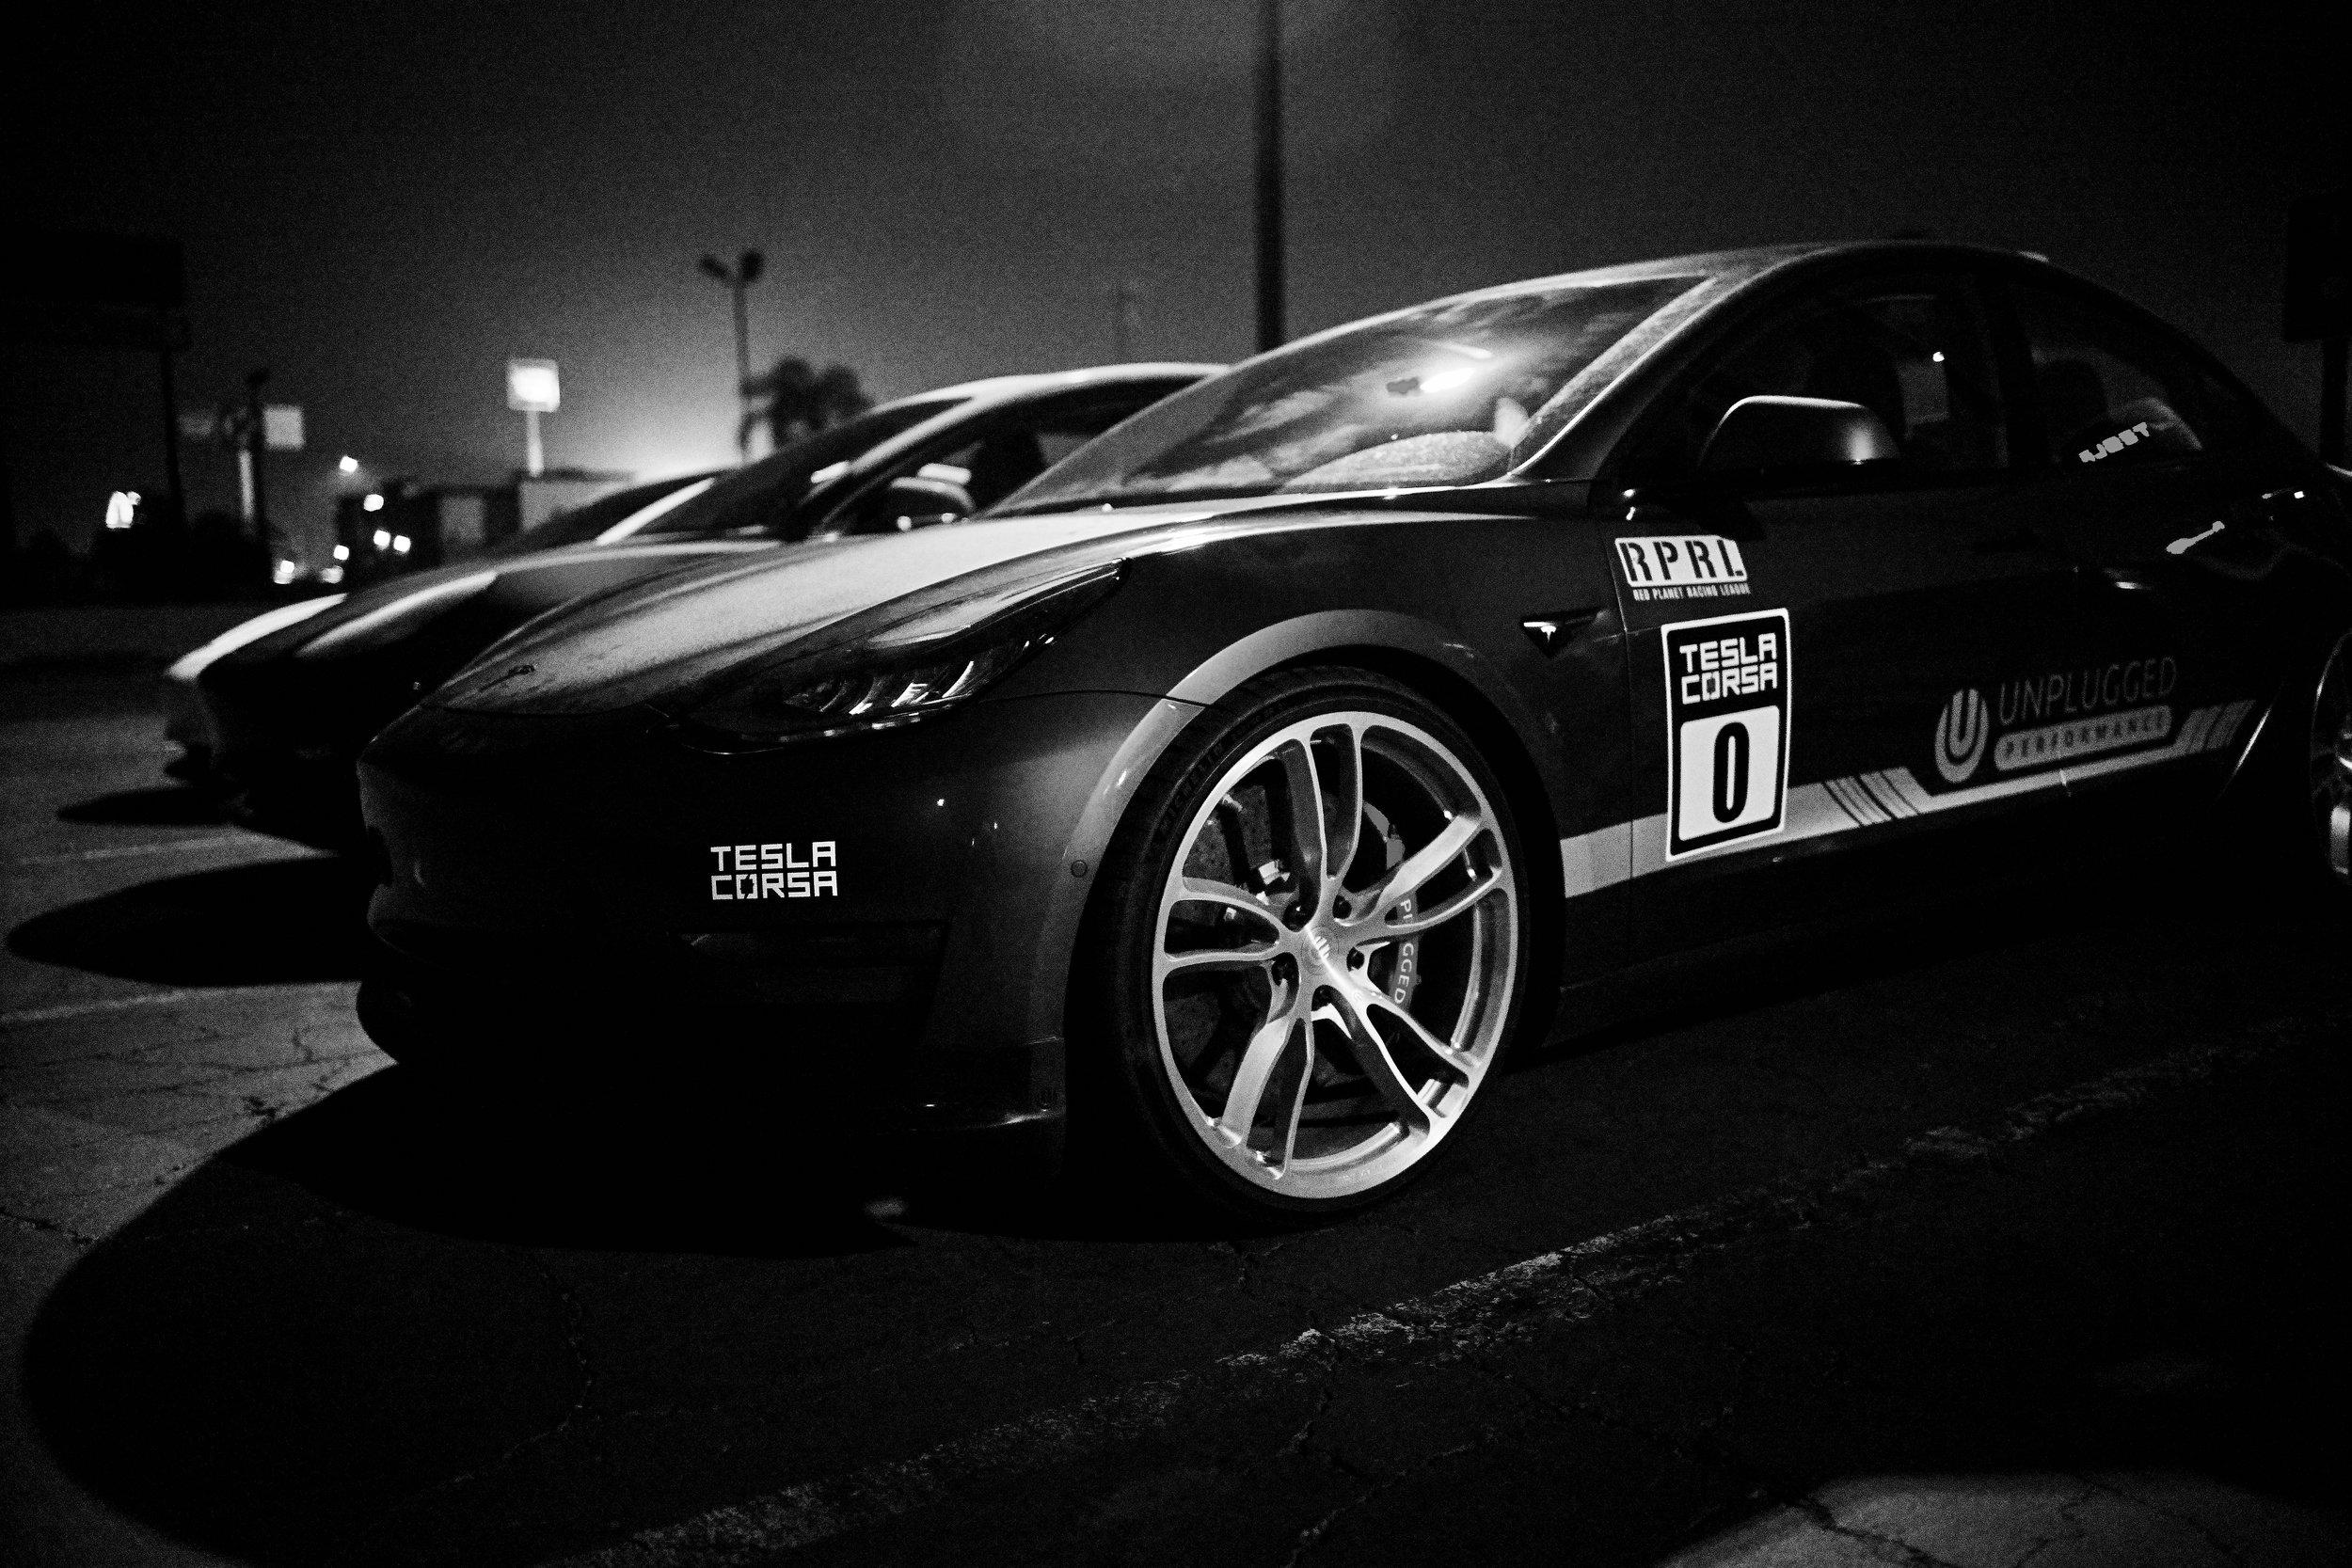 TeslaCorsa_ALPHOTO.jpg